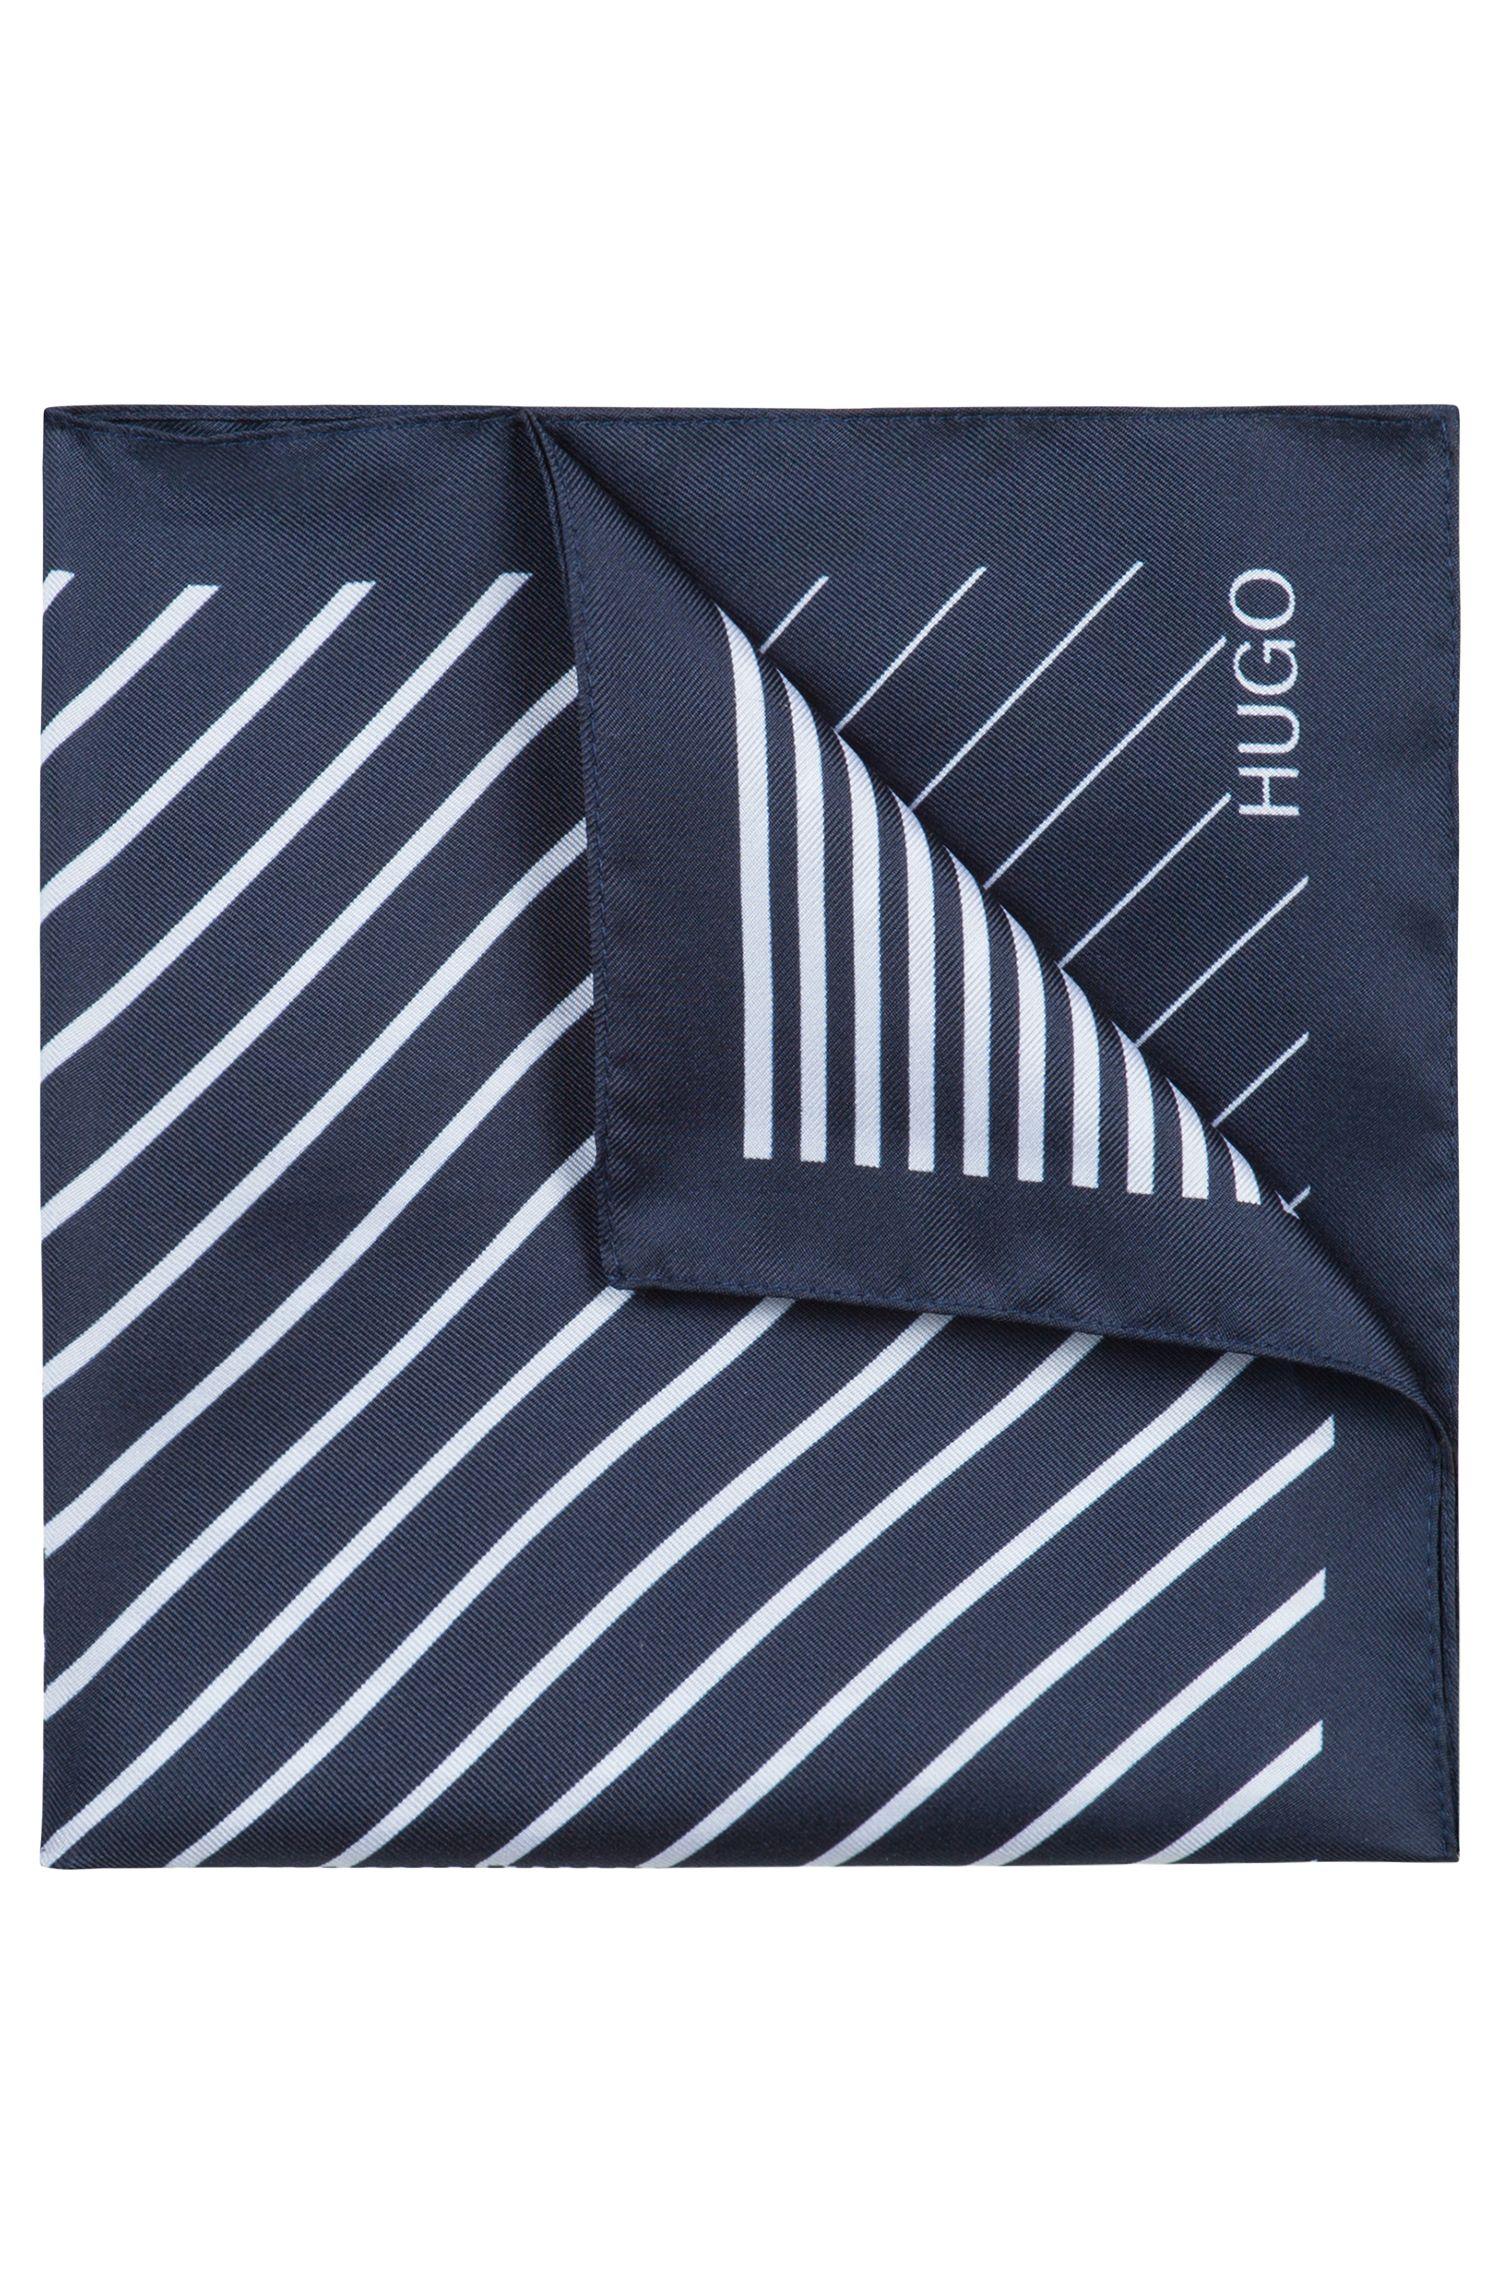 Pochet van zijden twill met onregelmatige strepen, Donkerblauw